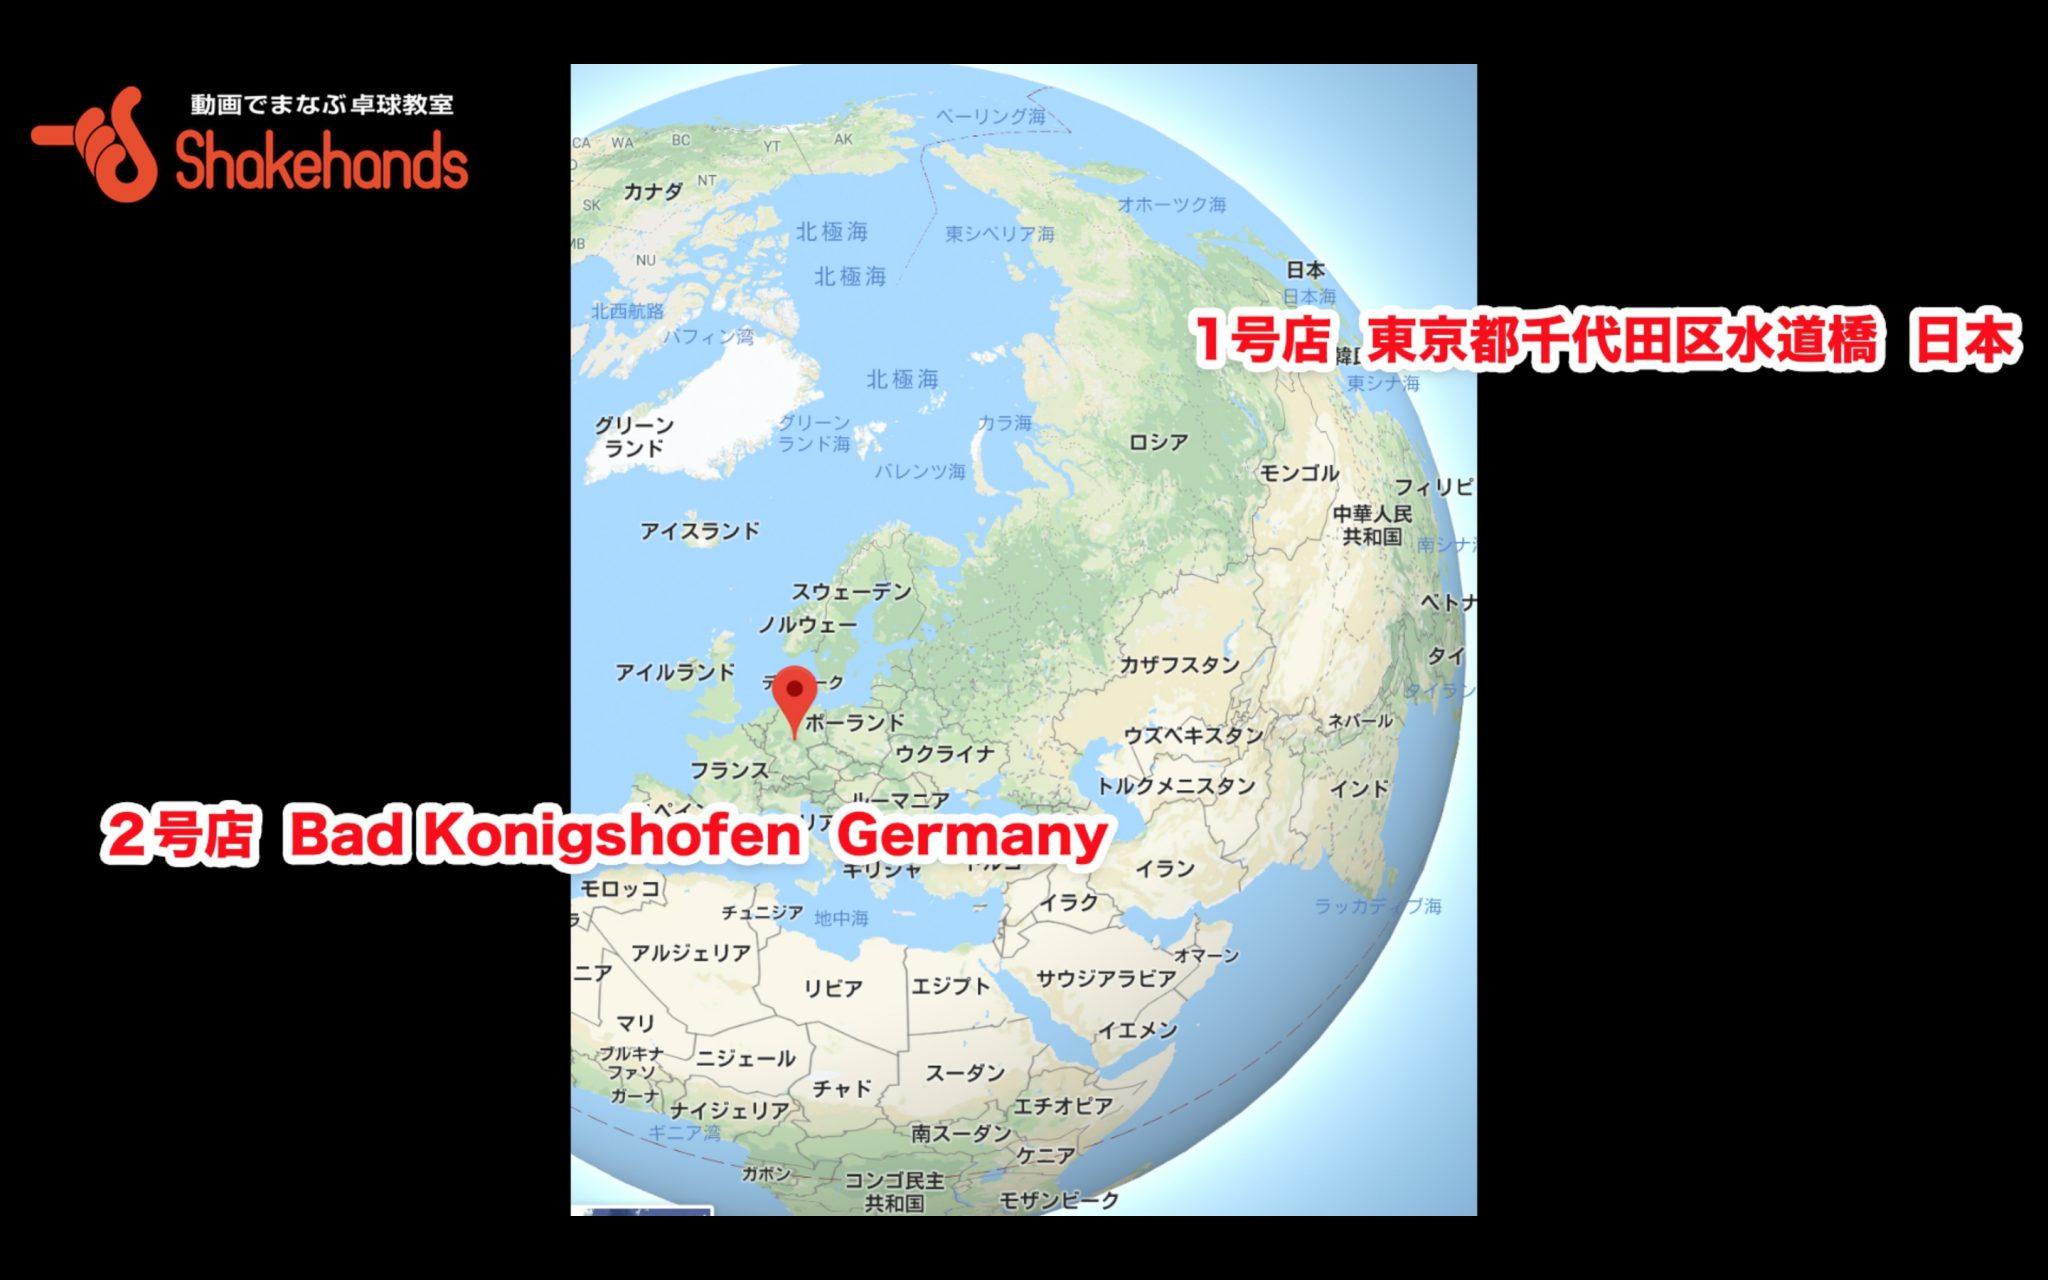 【シェークハンズ2号店( in クニックスホーフェン ドイツ】です!